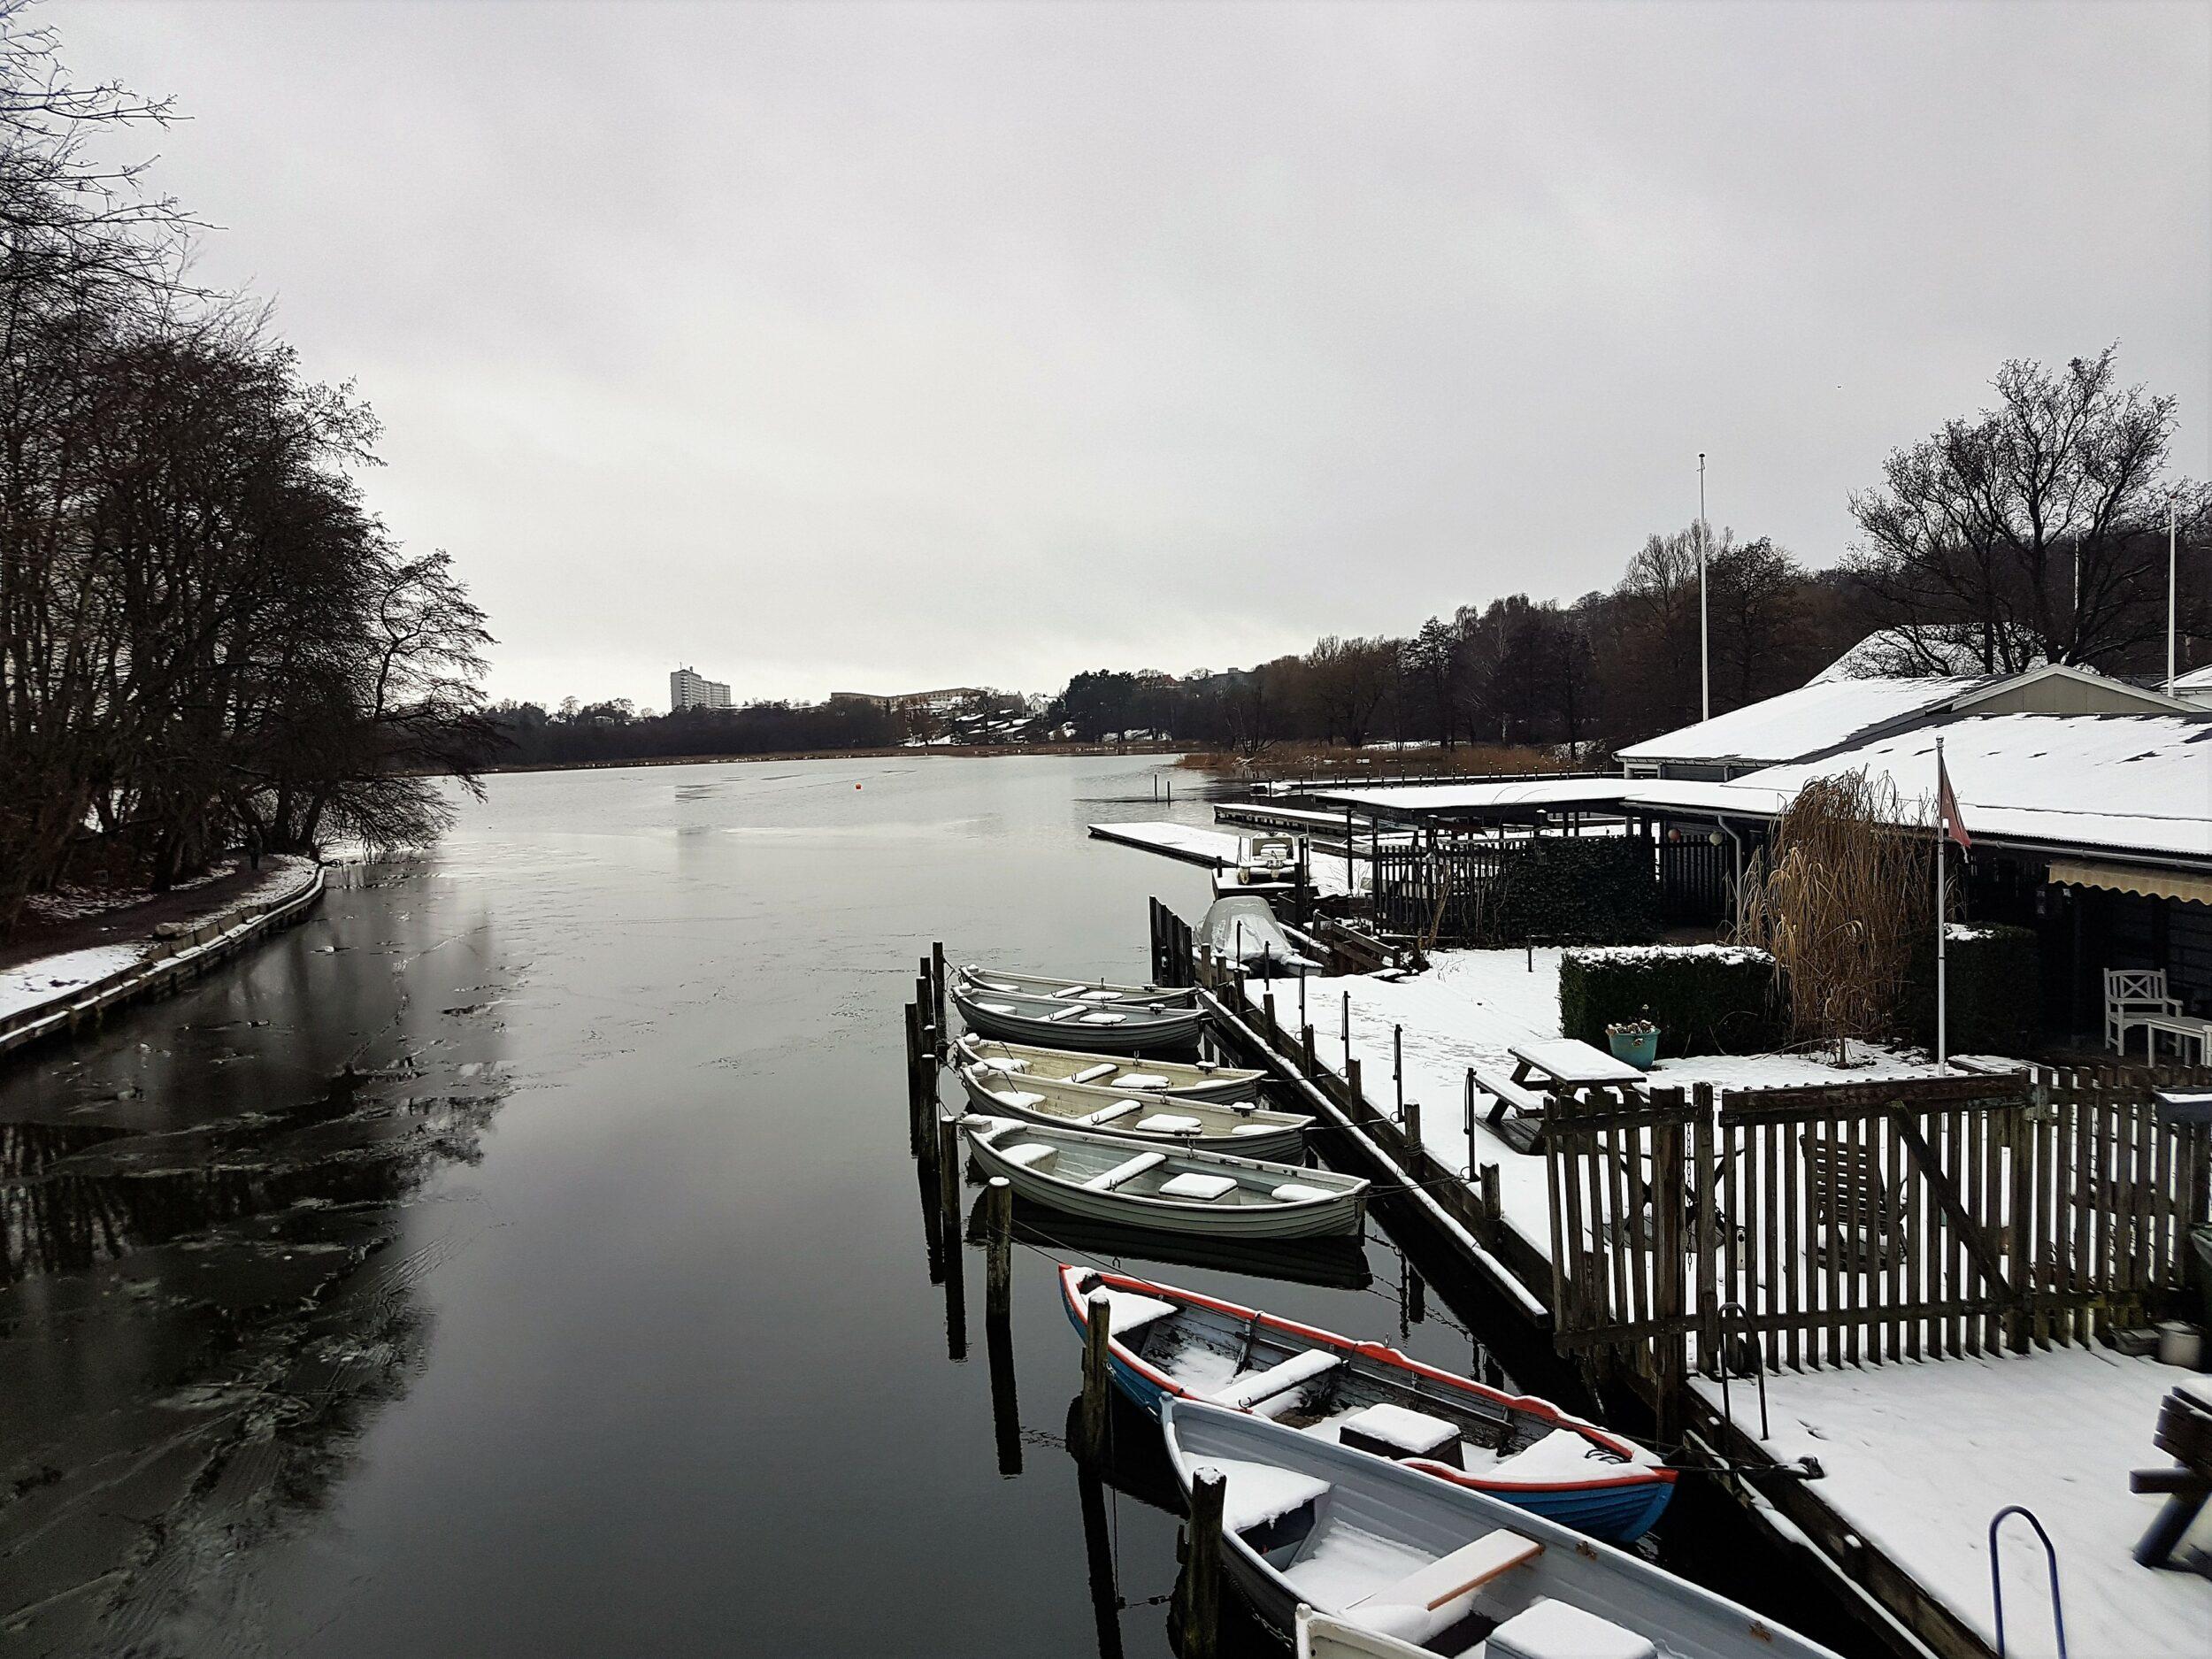 Vinter og sne i Lyngby-Sorgenfri